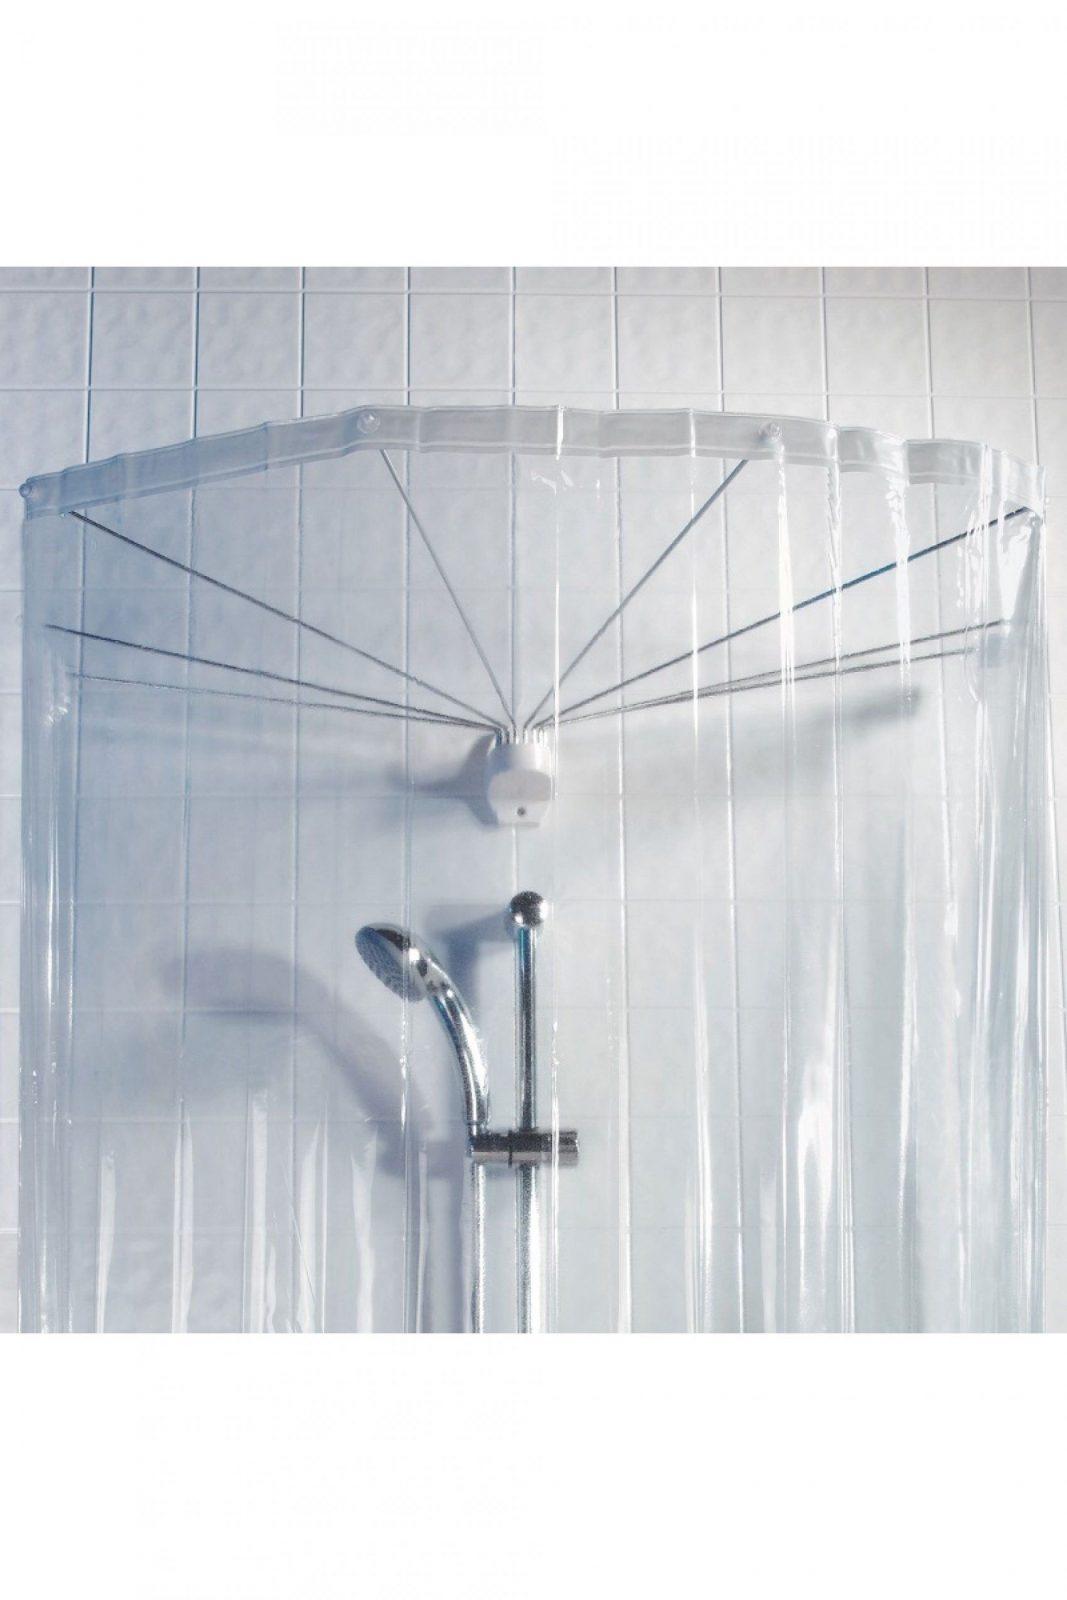 Beste Duschstange Fã R Badewanne Ohne Bohren Besten In Von von Duschstange Für Badewanne Ohne Bohren Bild